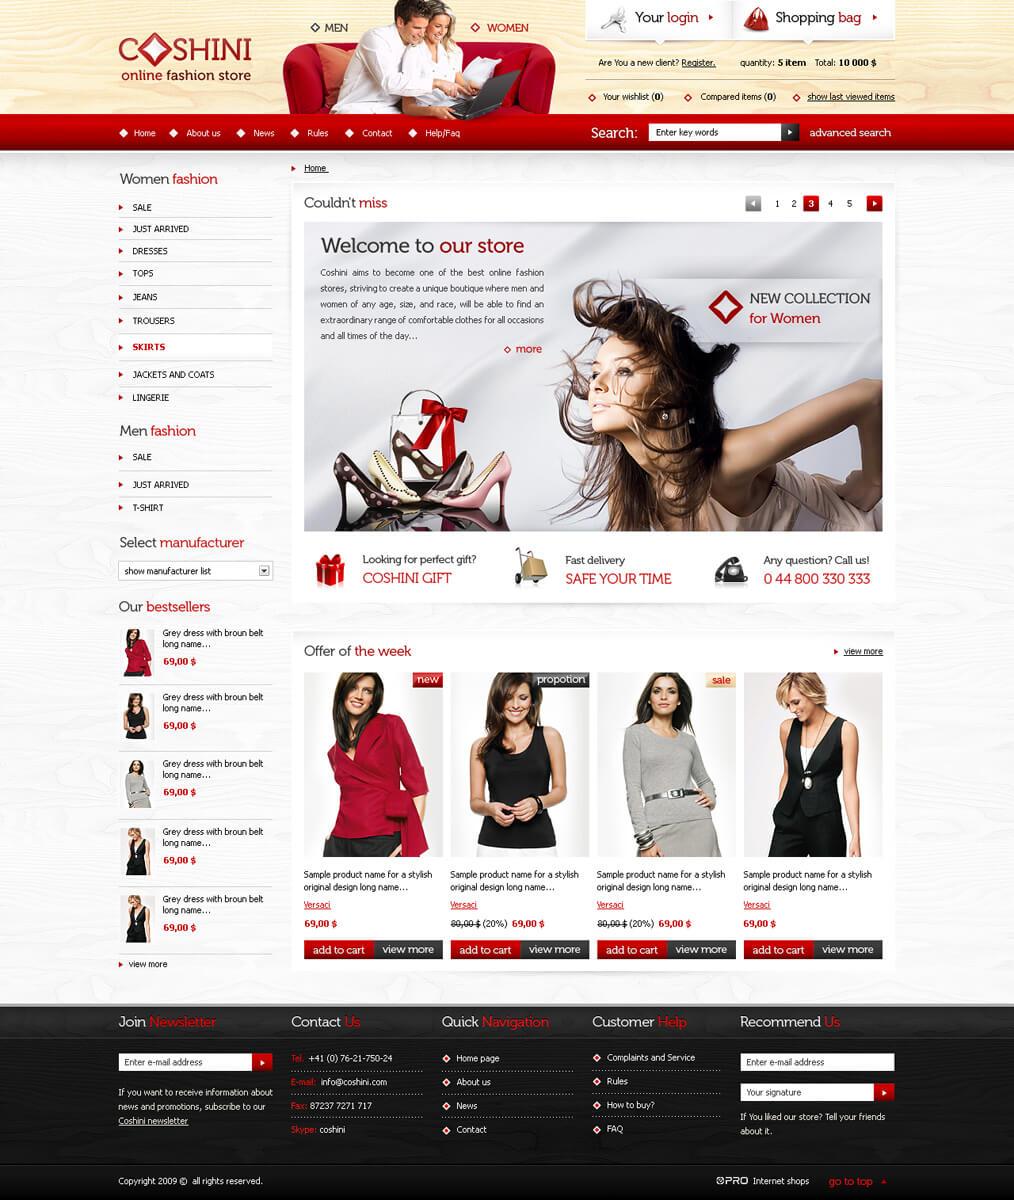 online fashion store Coshini by pcholewa